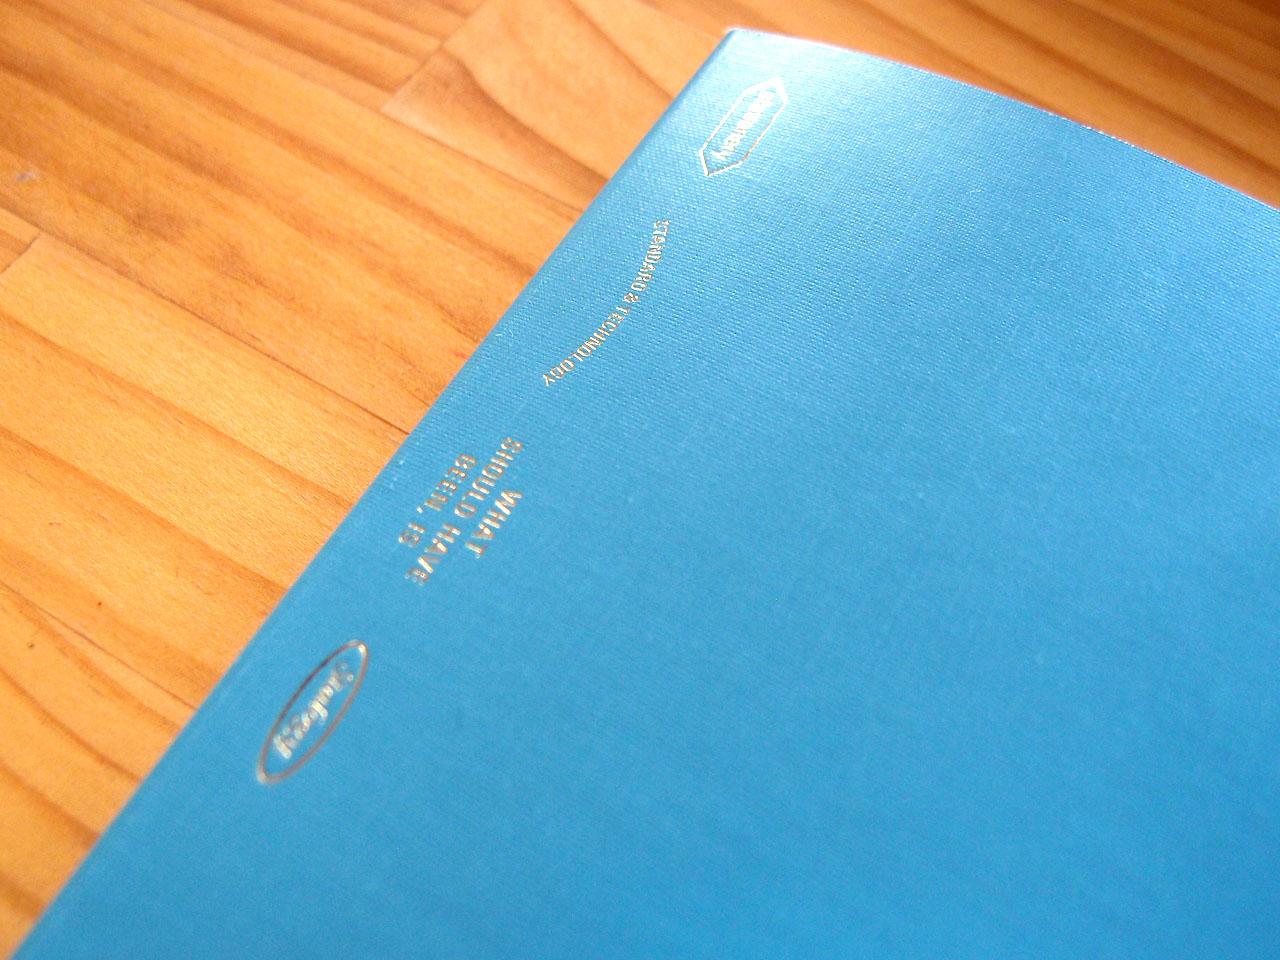 エディターズシリーズ 365デイズノート表紙アップ